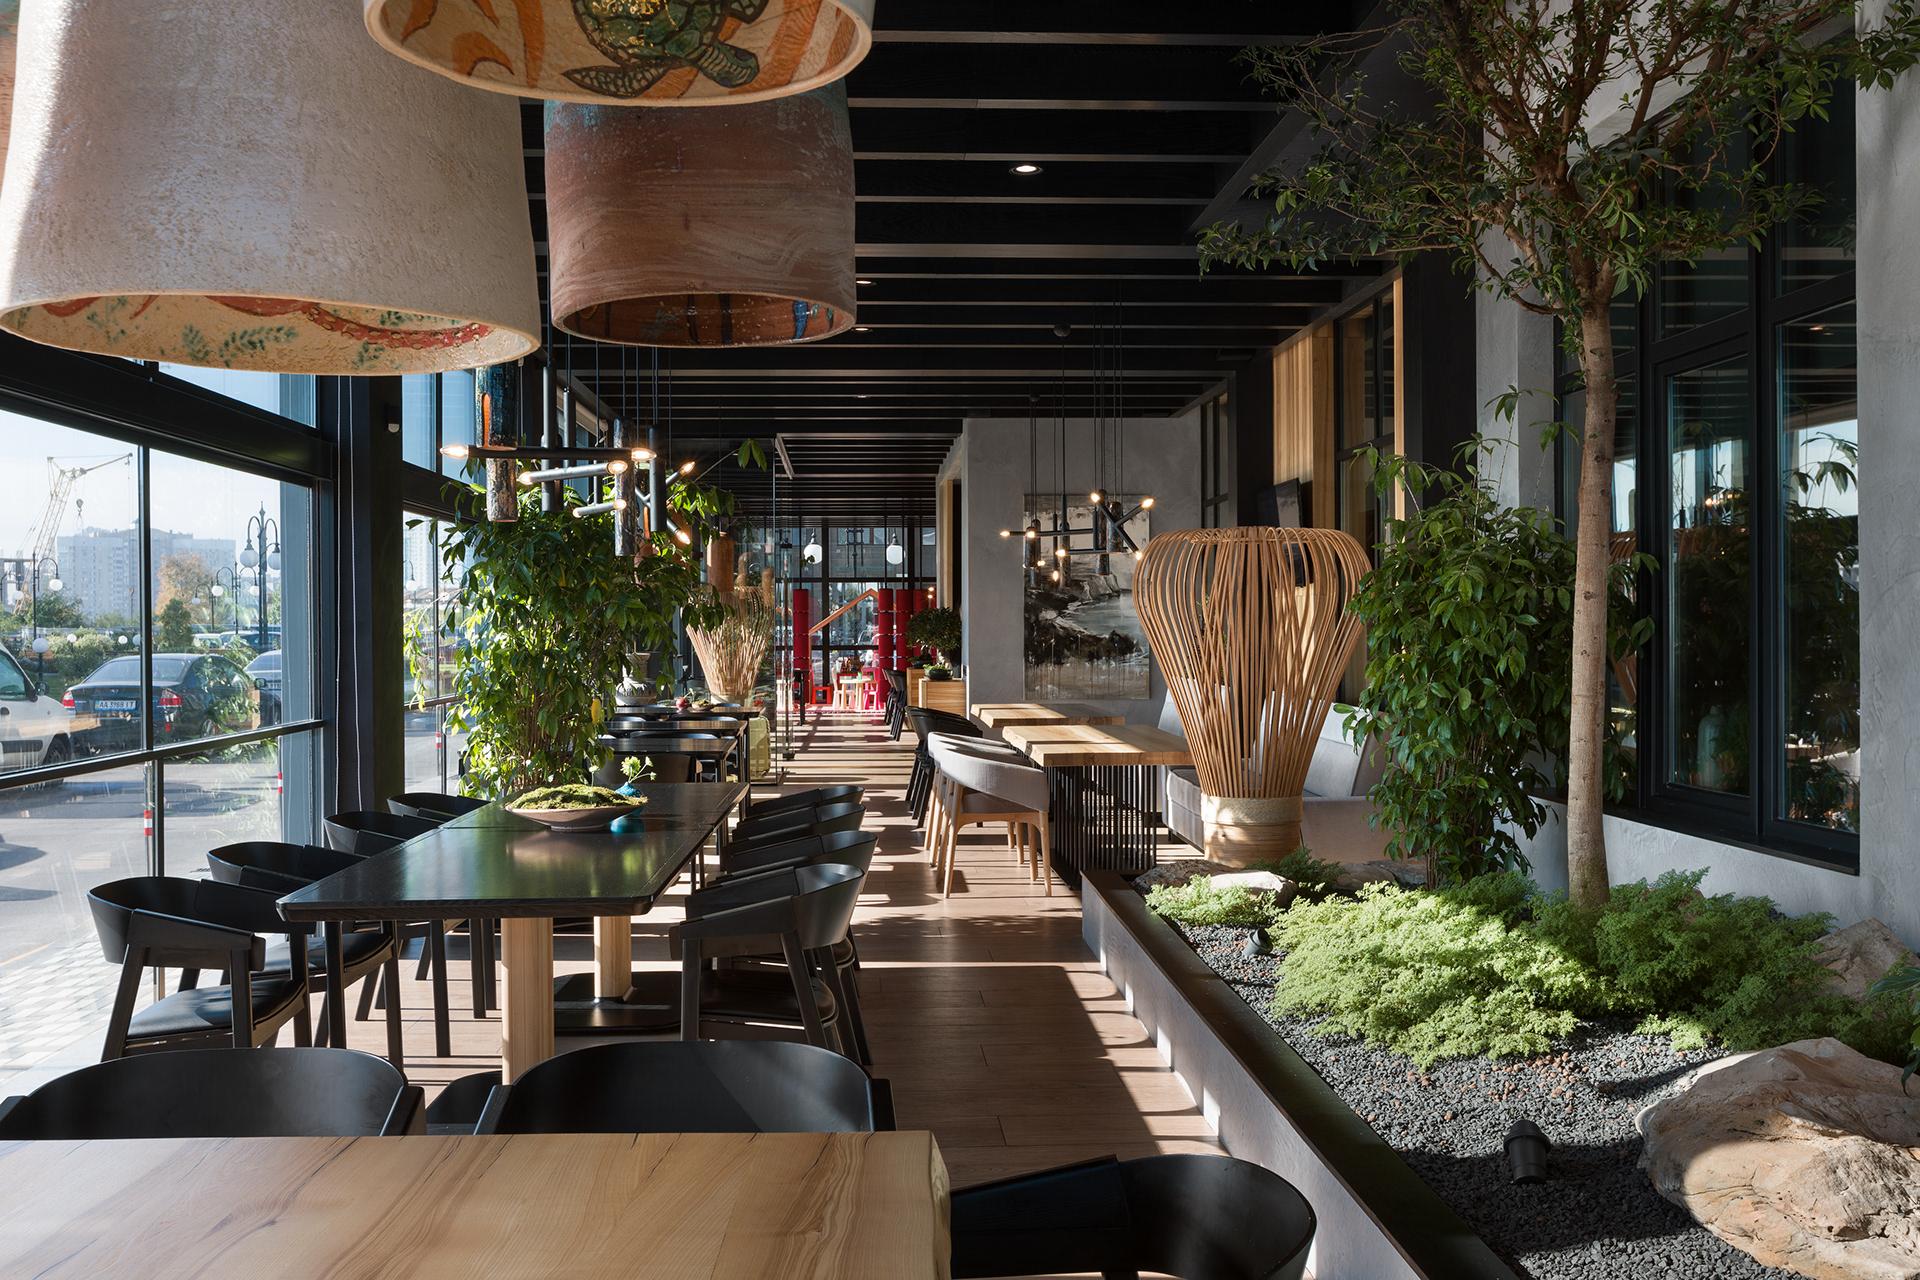 Mẫu trang trí nhà hàng Nhật độc đáo với đèn lồng